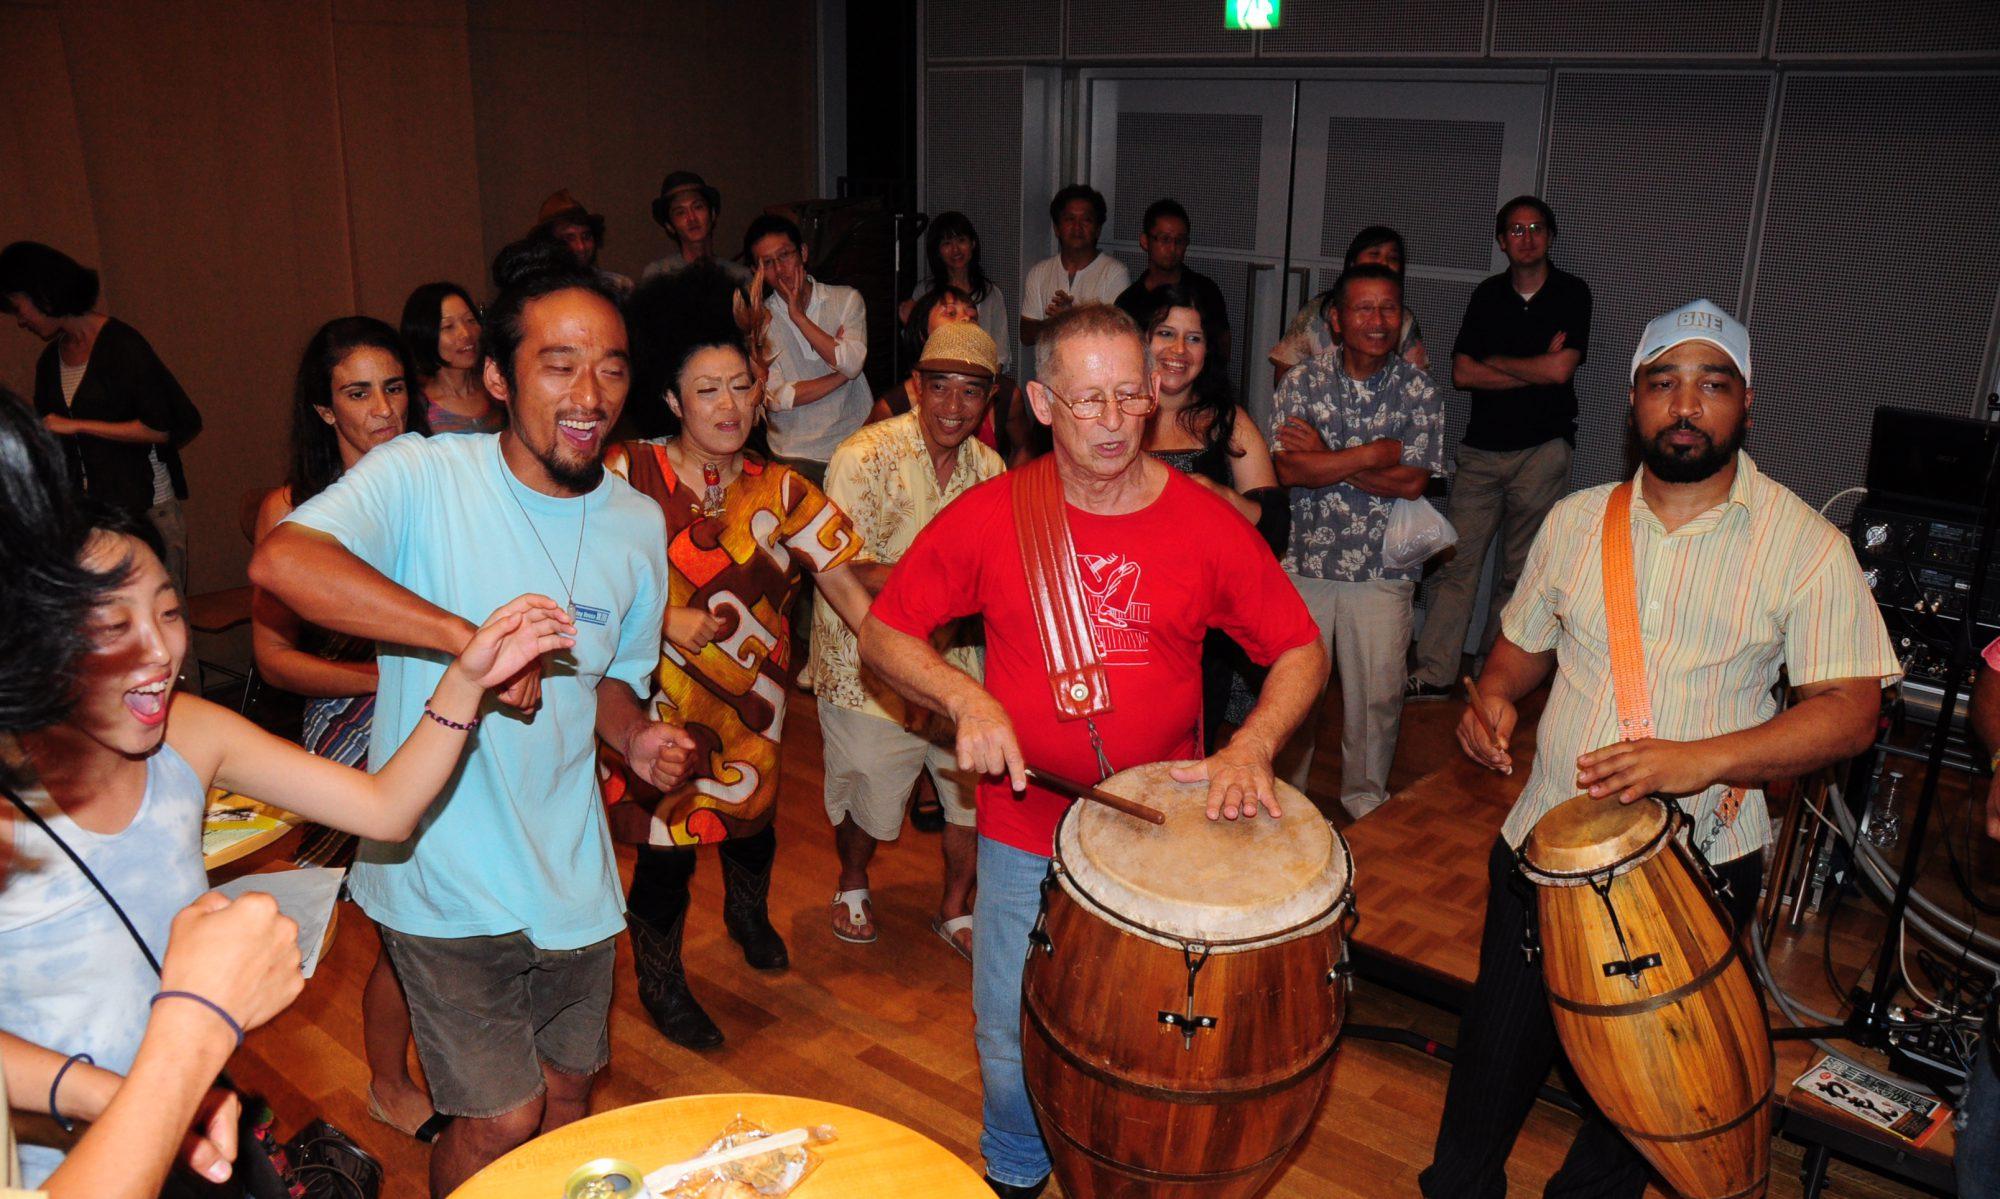 国際的な音楽交流を中心に高知を楽しくするプロジェクト